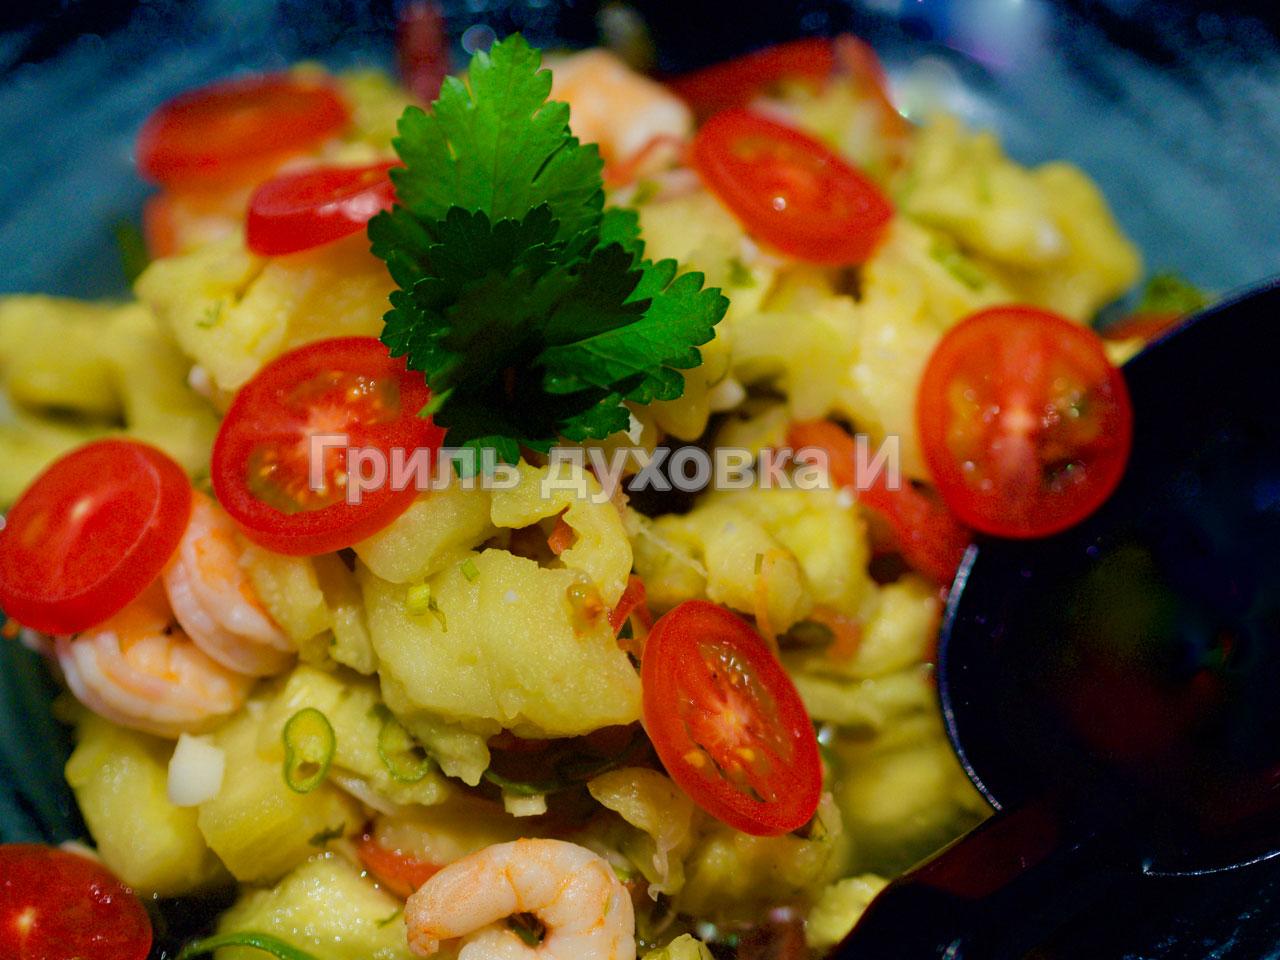 Салат из печеных баклажанов. С креветками и помидорами.